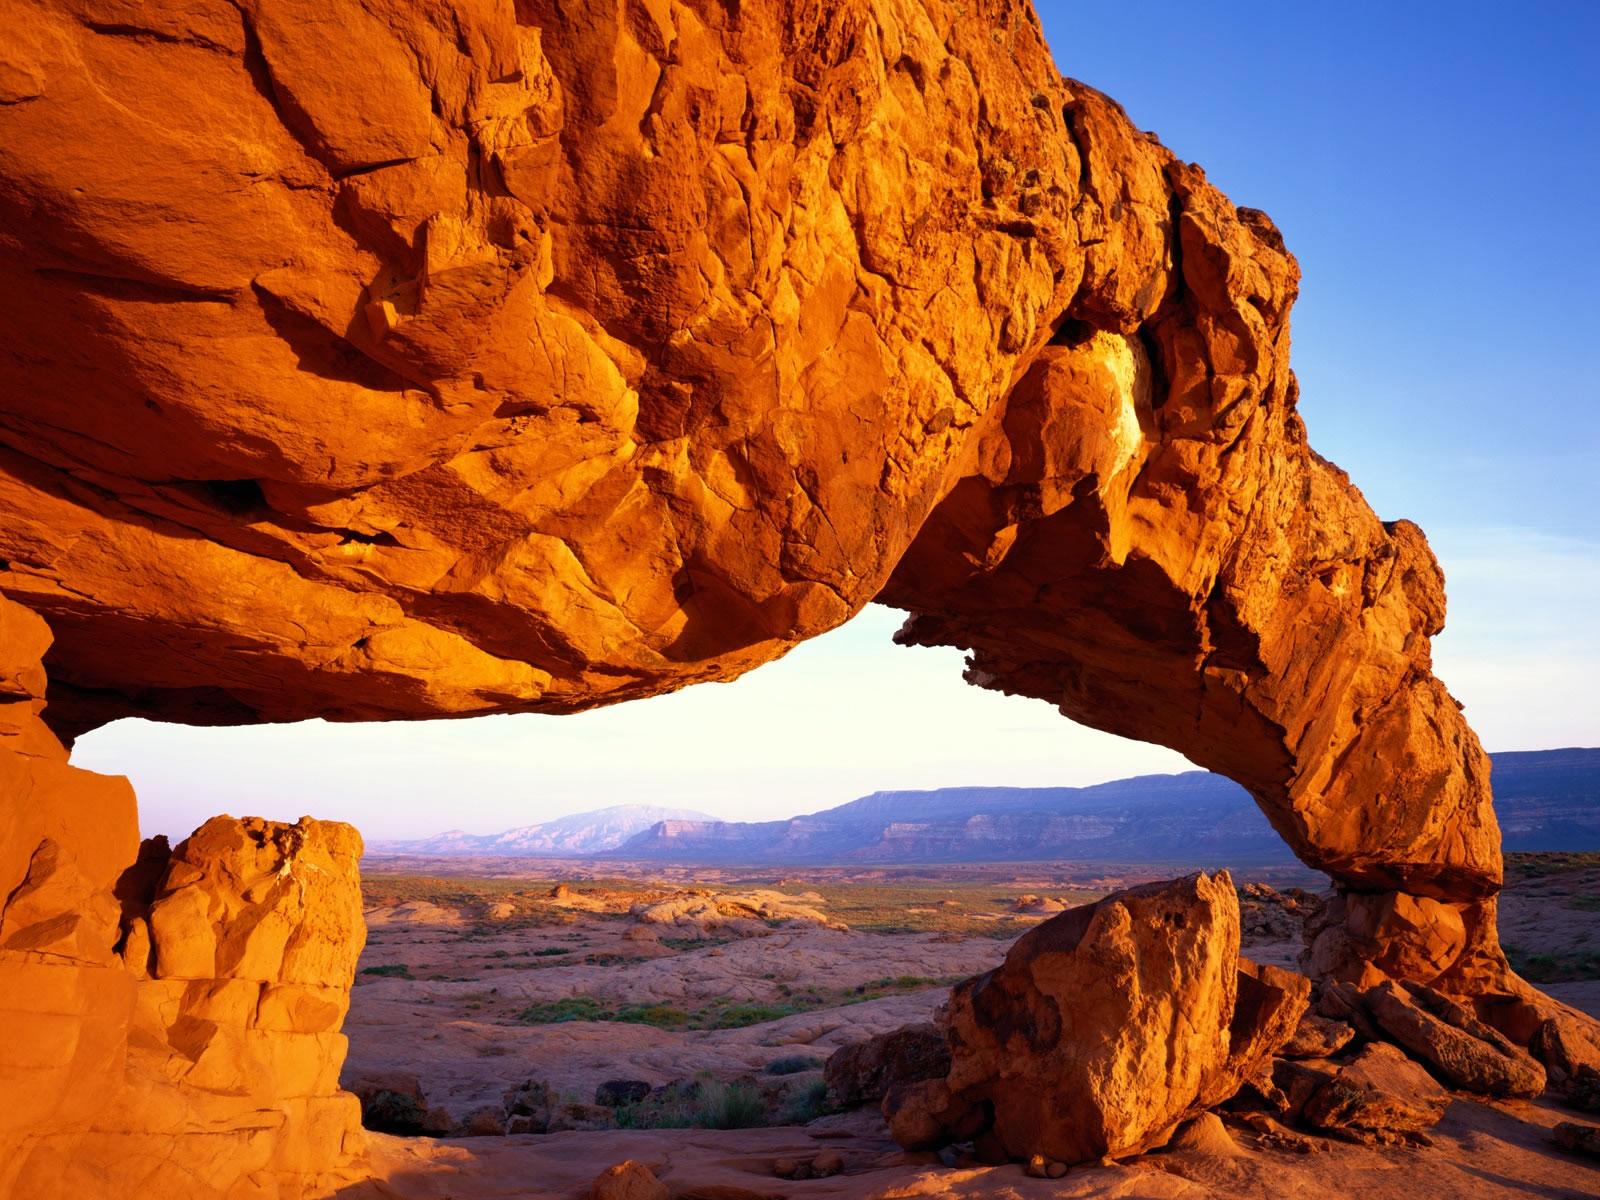 Fond D Ecran Paysage Desert Wallpaper